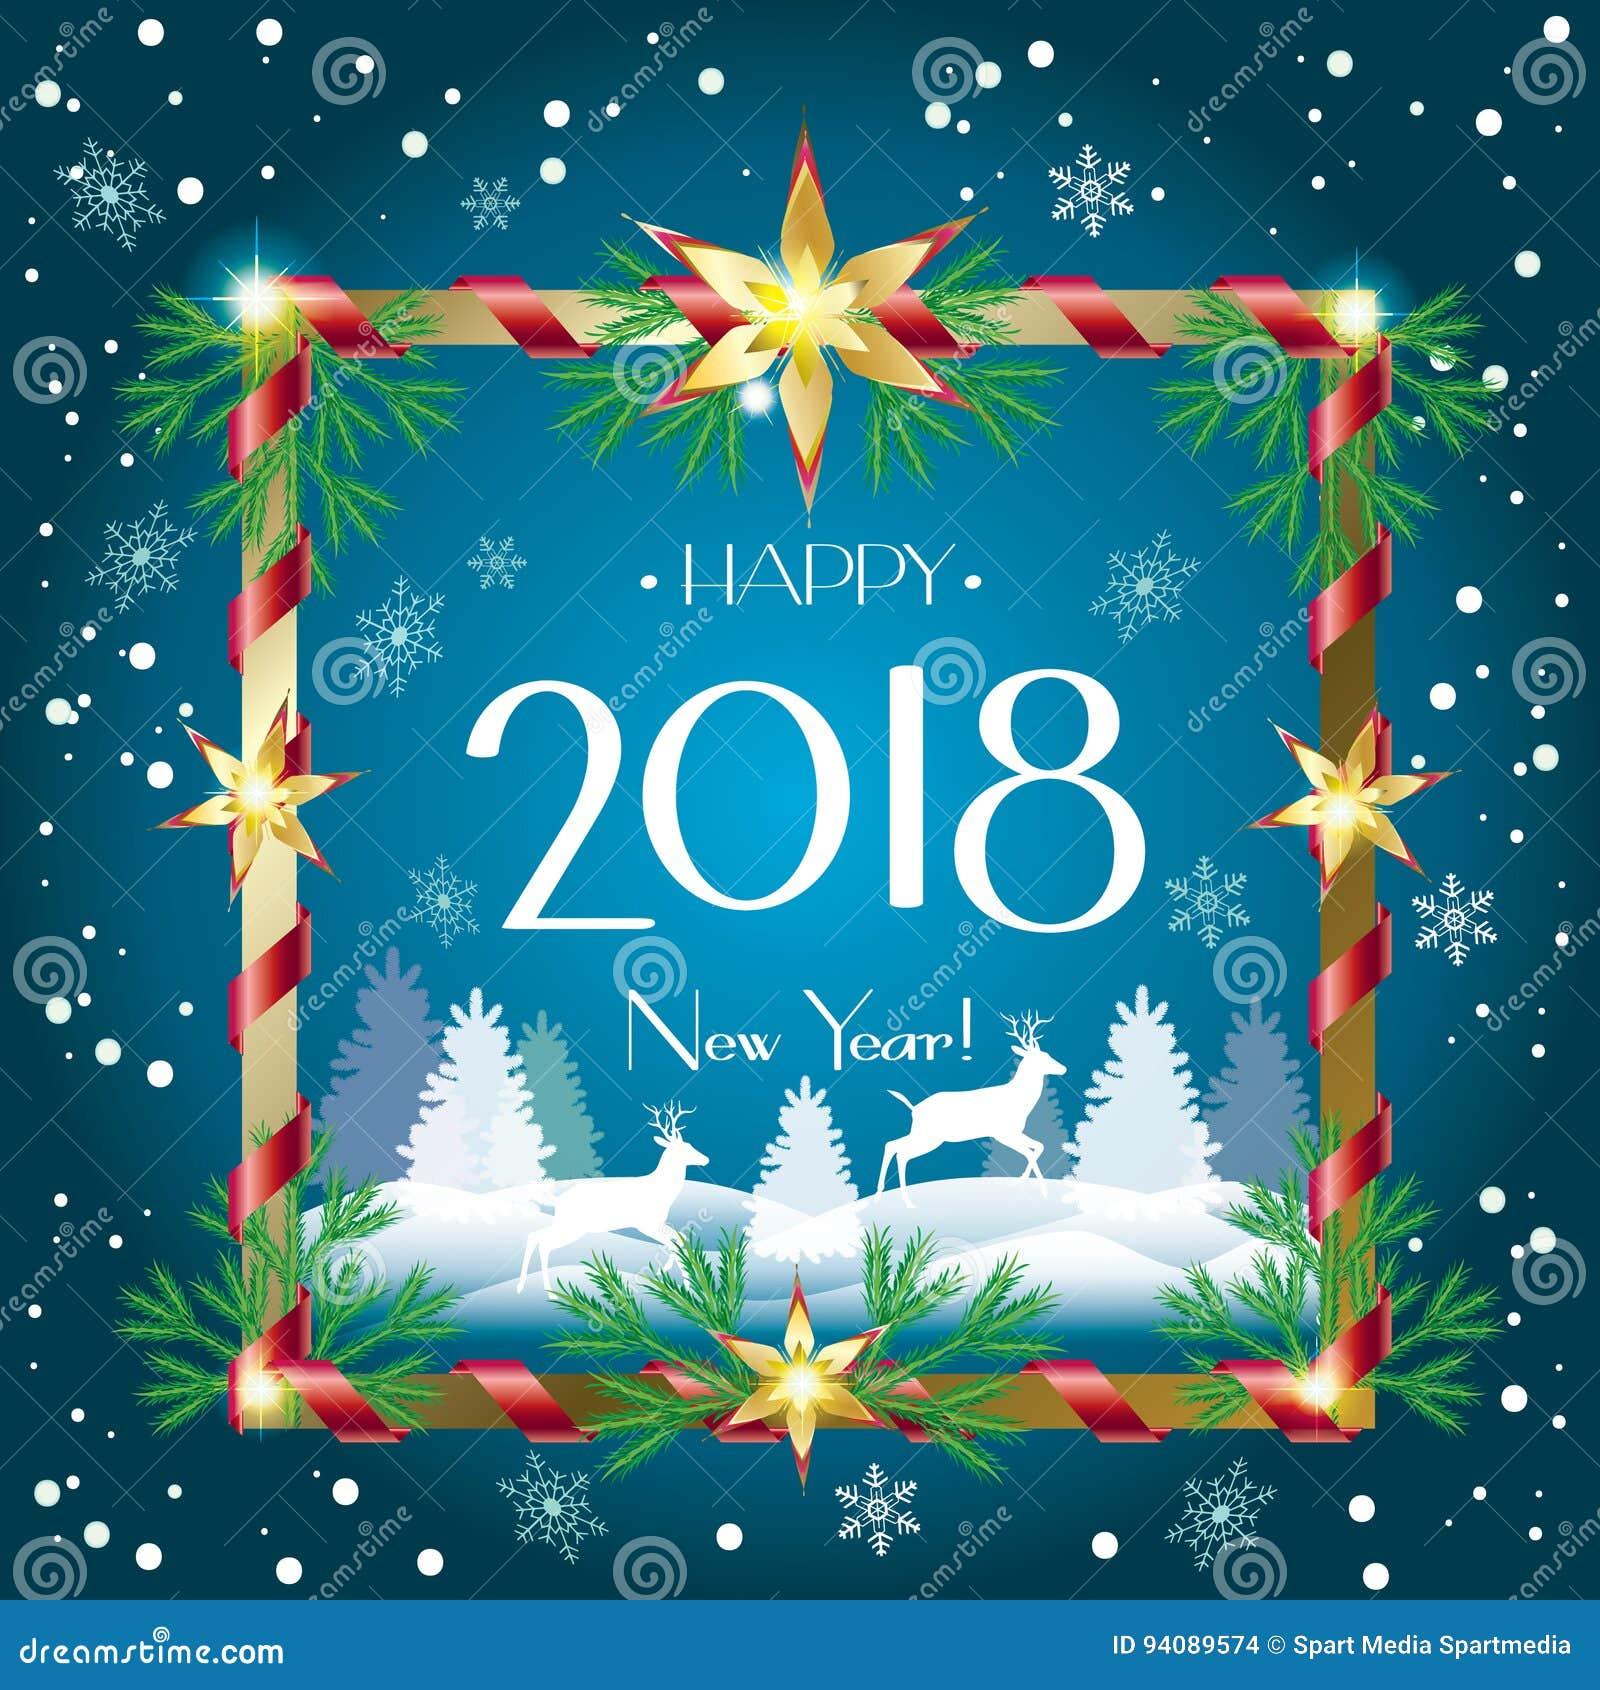 navidad 2018 imagenes La NAVIDAD 2018 ilustración del vector. Ilustración de holiday  navidad 2018 imagenes